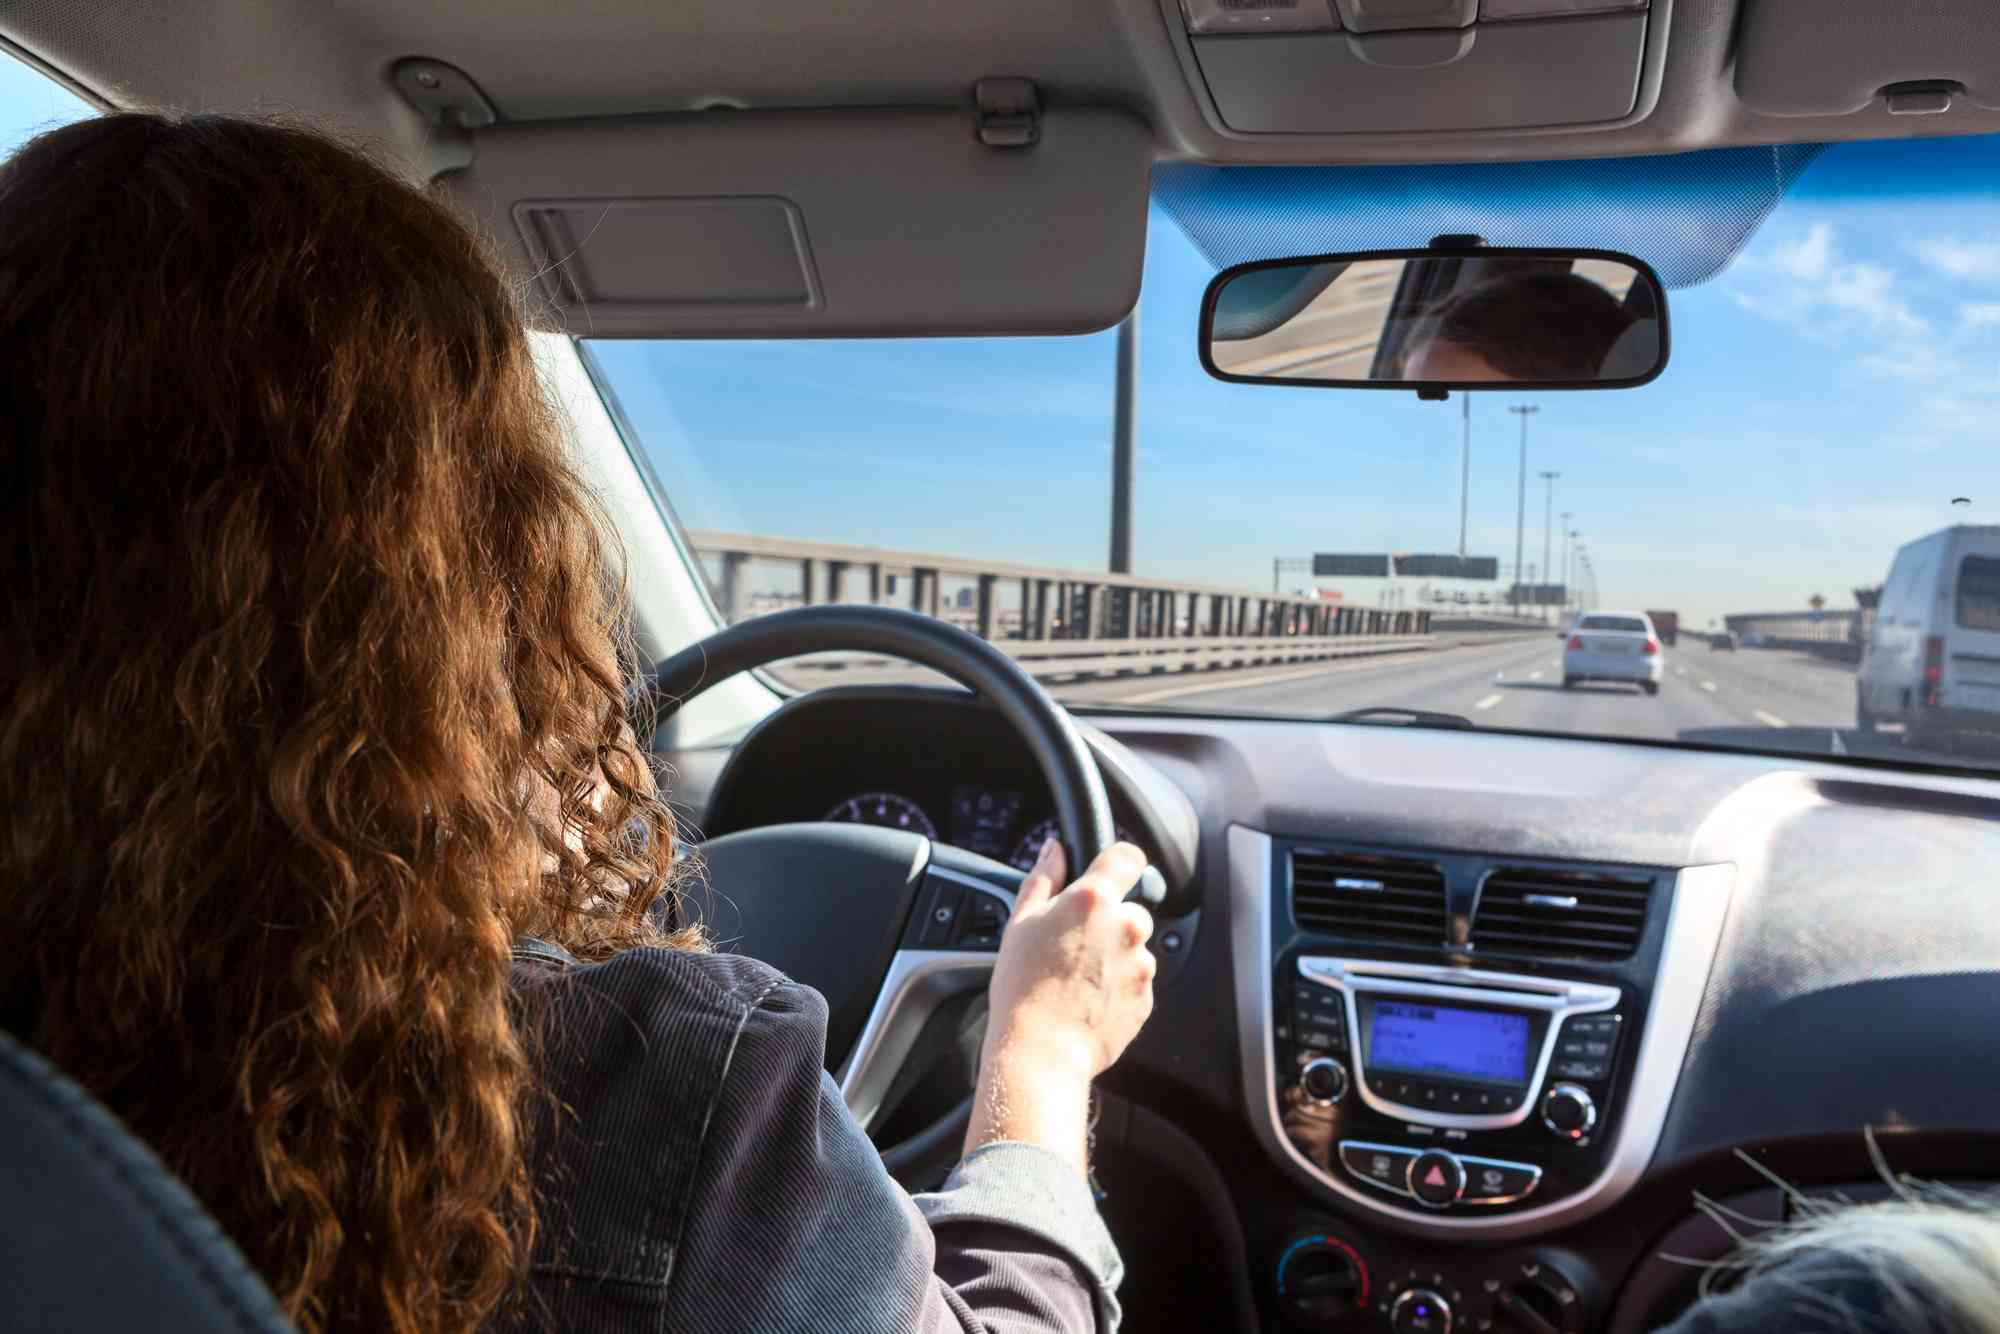 Fahrerflucht Sachschaden Nicht Bemerkt